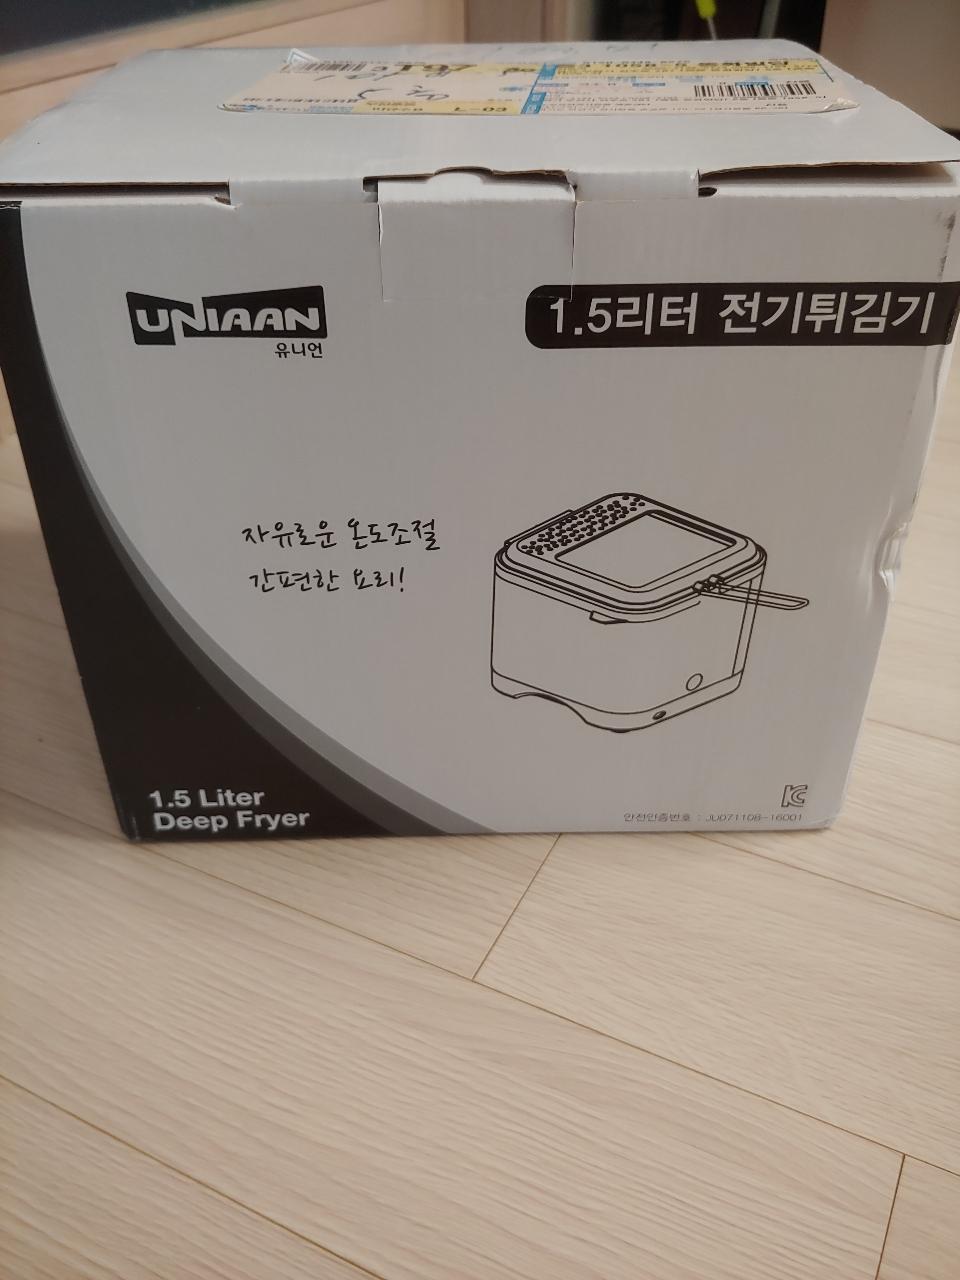 박스미개봉 새상품 유니언1.5리터 전기튀김기